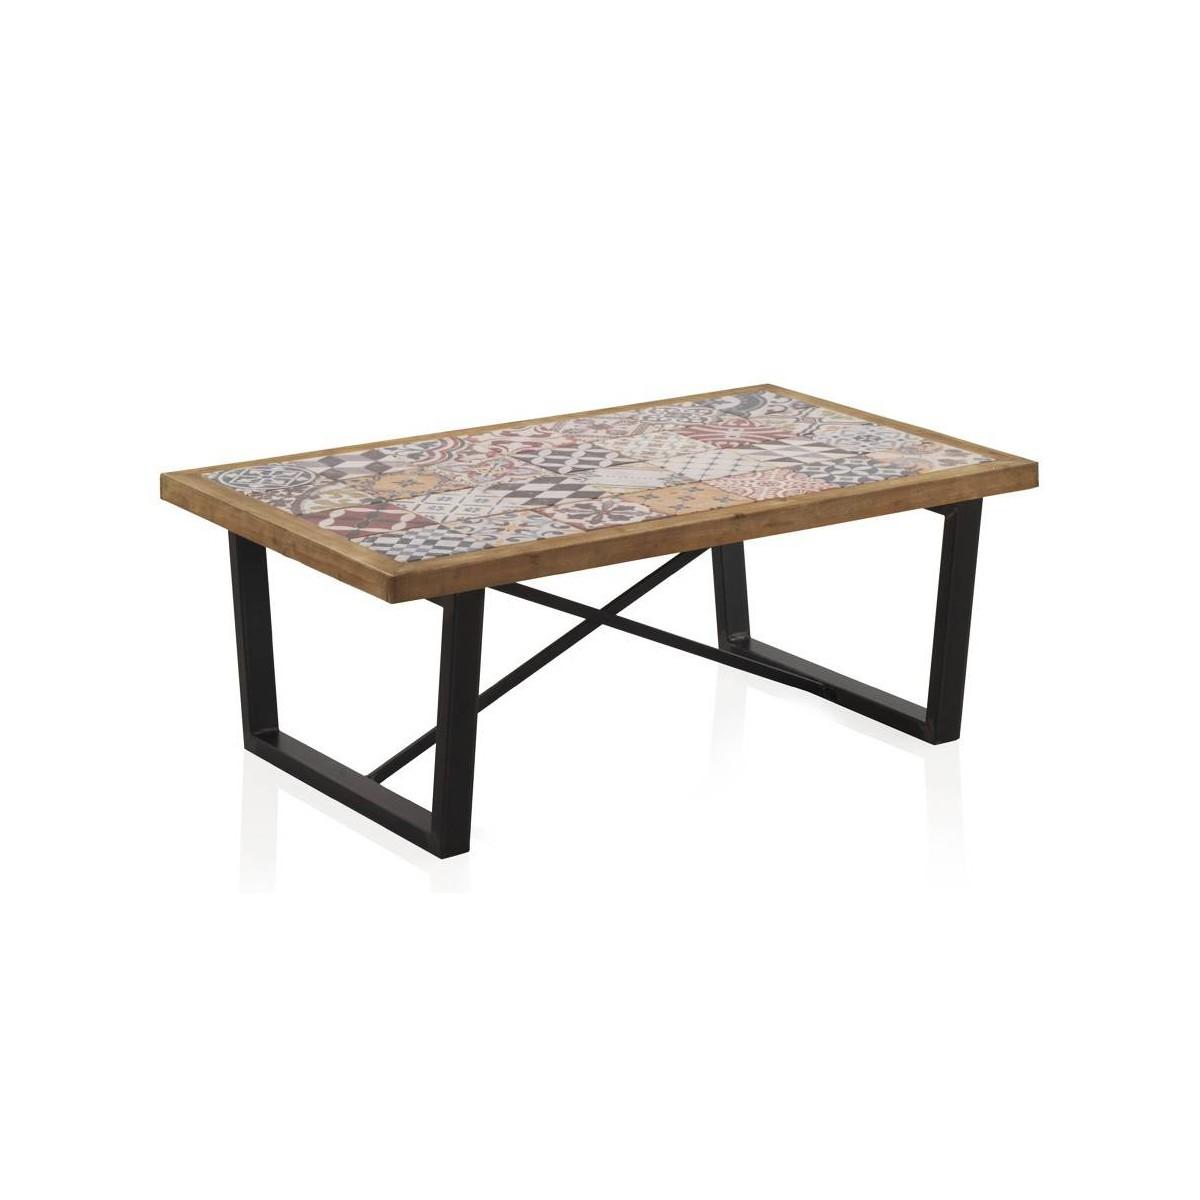 Patas para mesas de centro trendy la mesa mesa de centro for Patas para mesa de centro